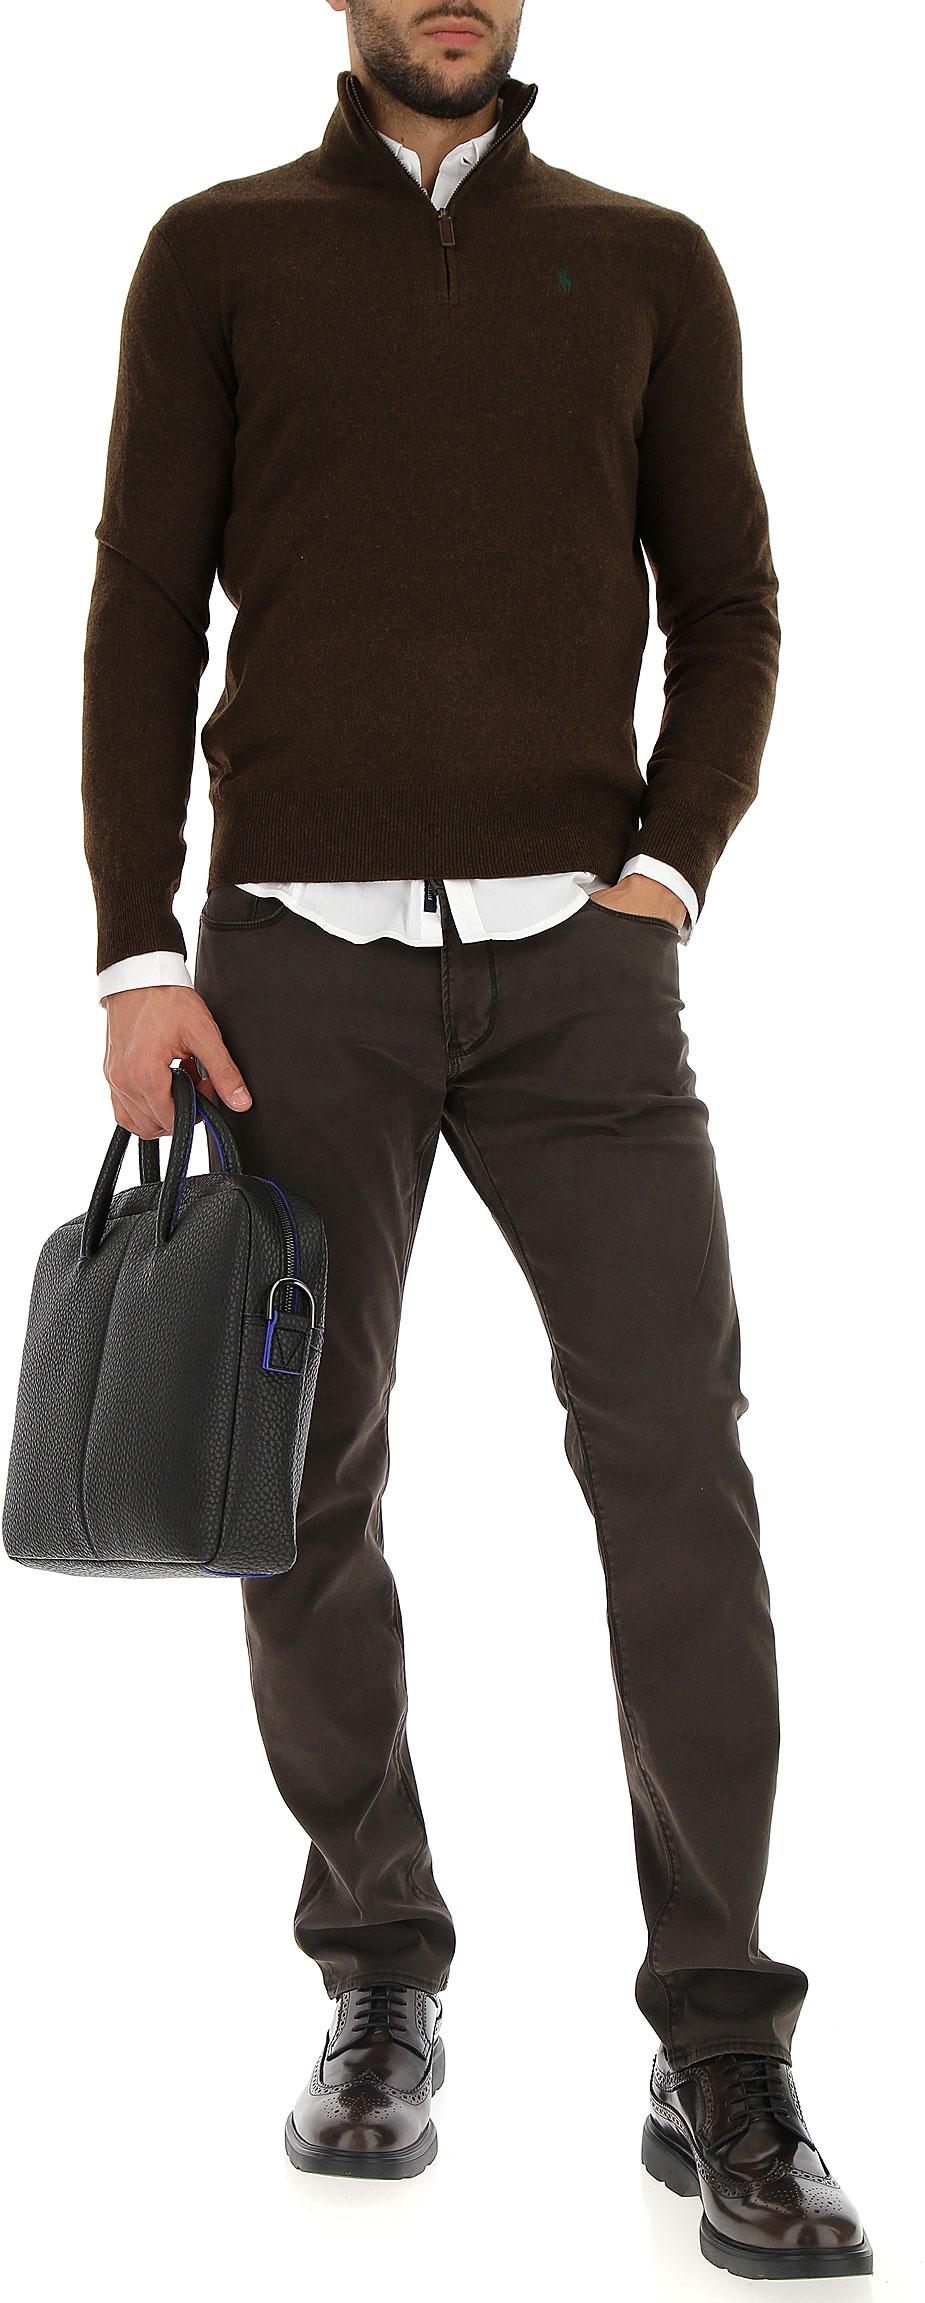 Abbigliamento Uomo Emporio Armani, Codice Articolo: 6y6j06-6detz-1772